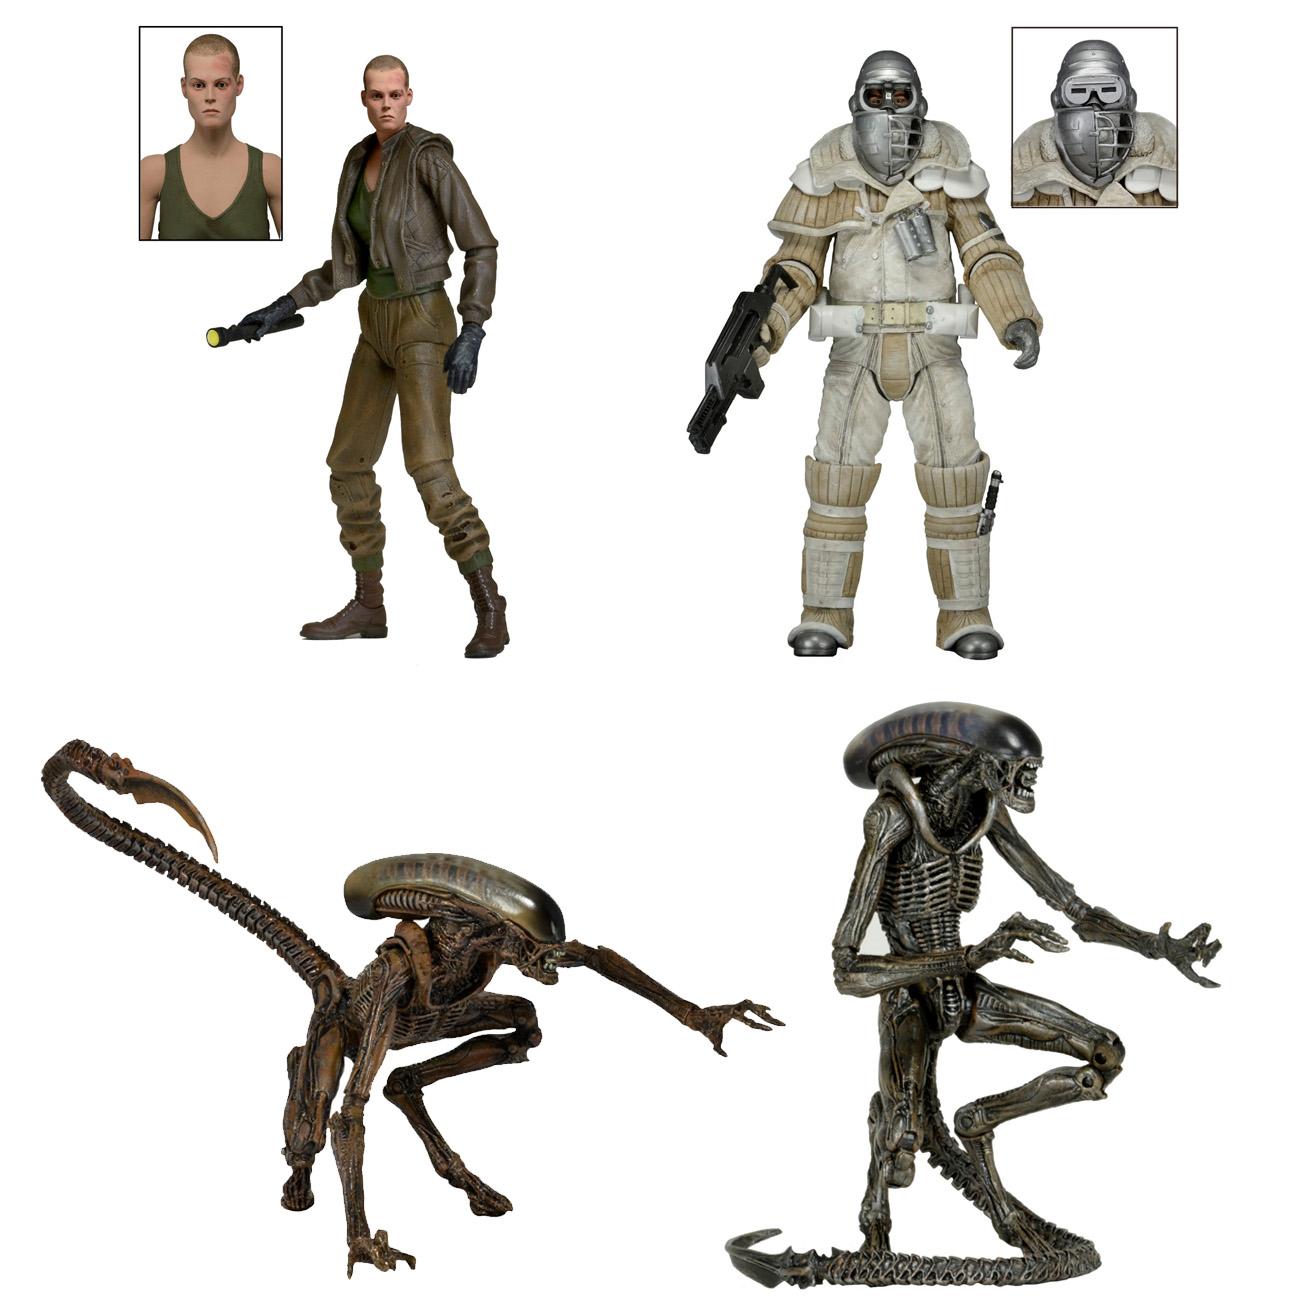 Home Decor Wholesale Online Aliens 7 Quot Scale Action Figures Series 8 Necaonline Com